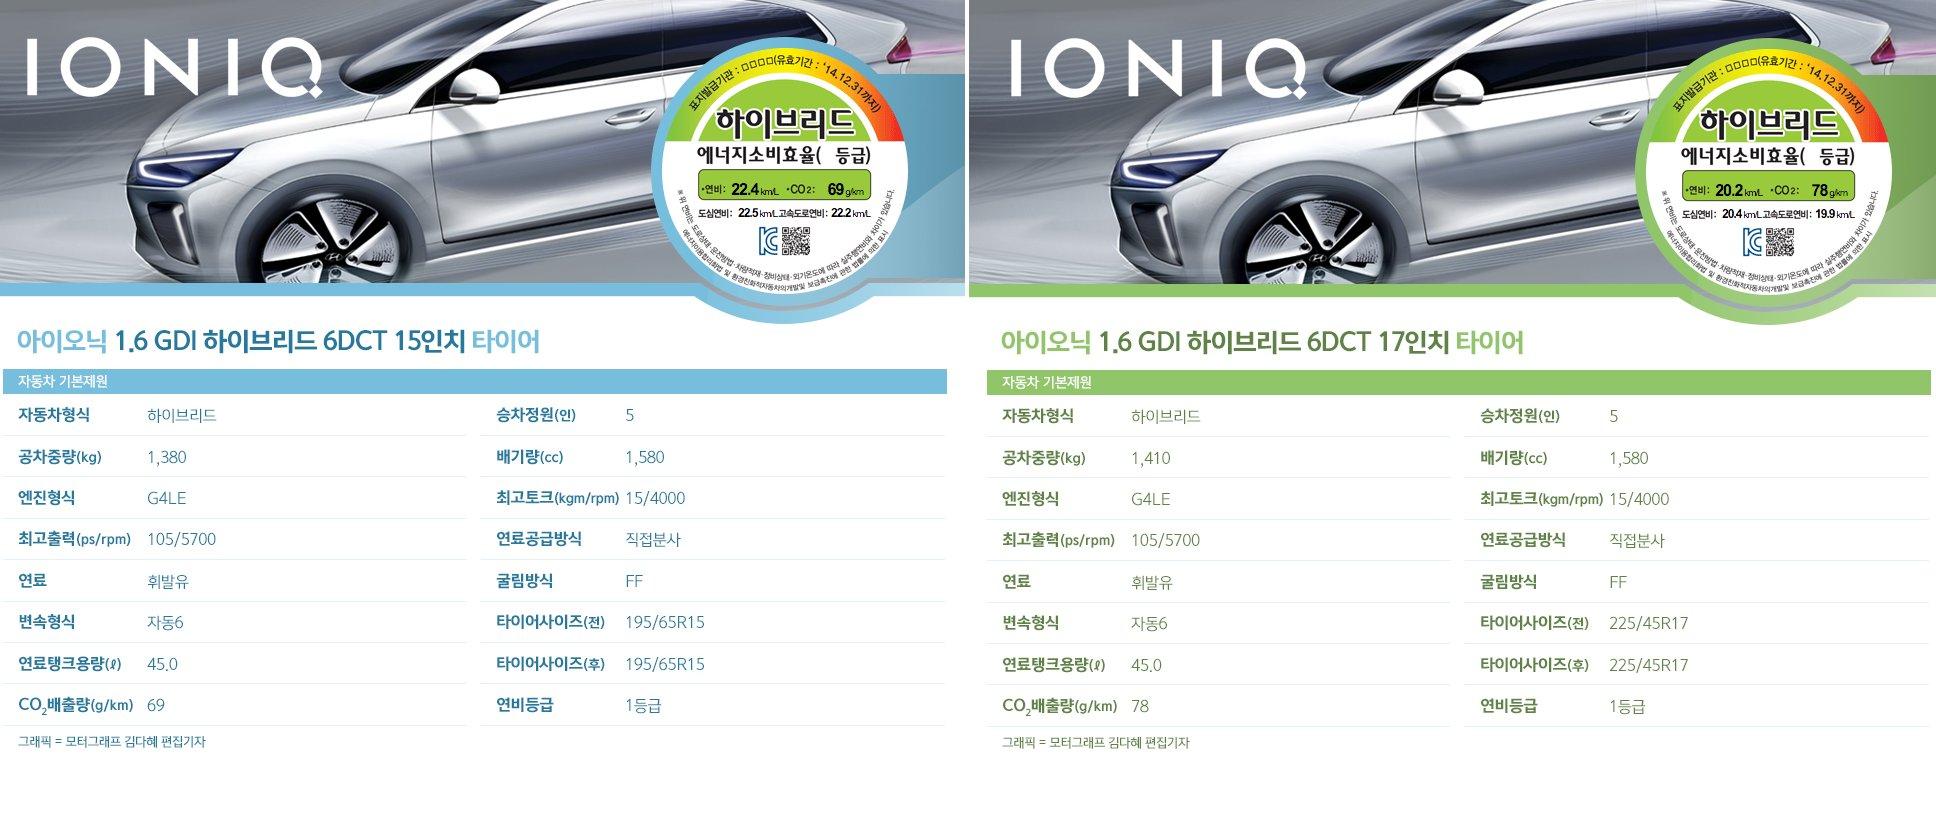 Hyundai Ioniq Promises Up To 53 Mpg 22 5 Km L